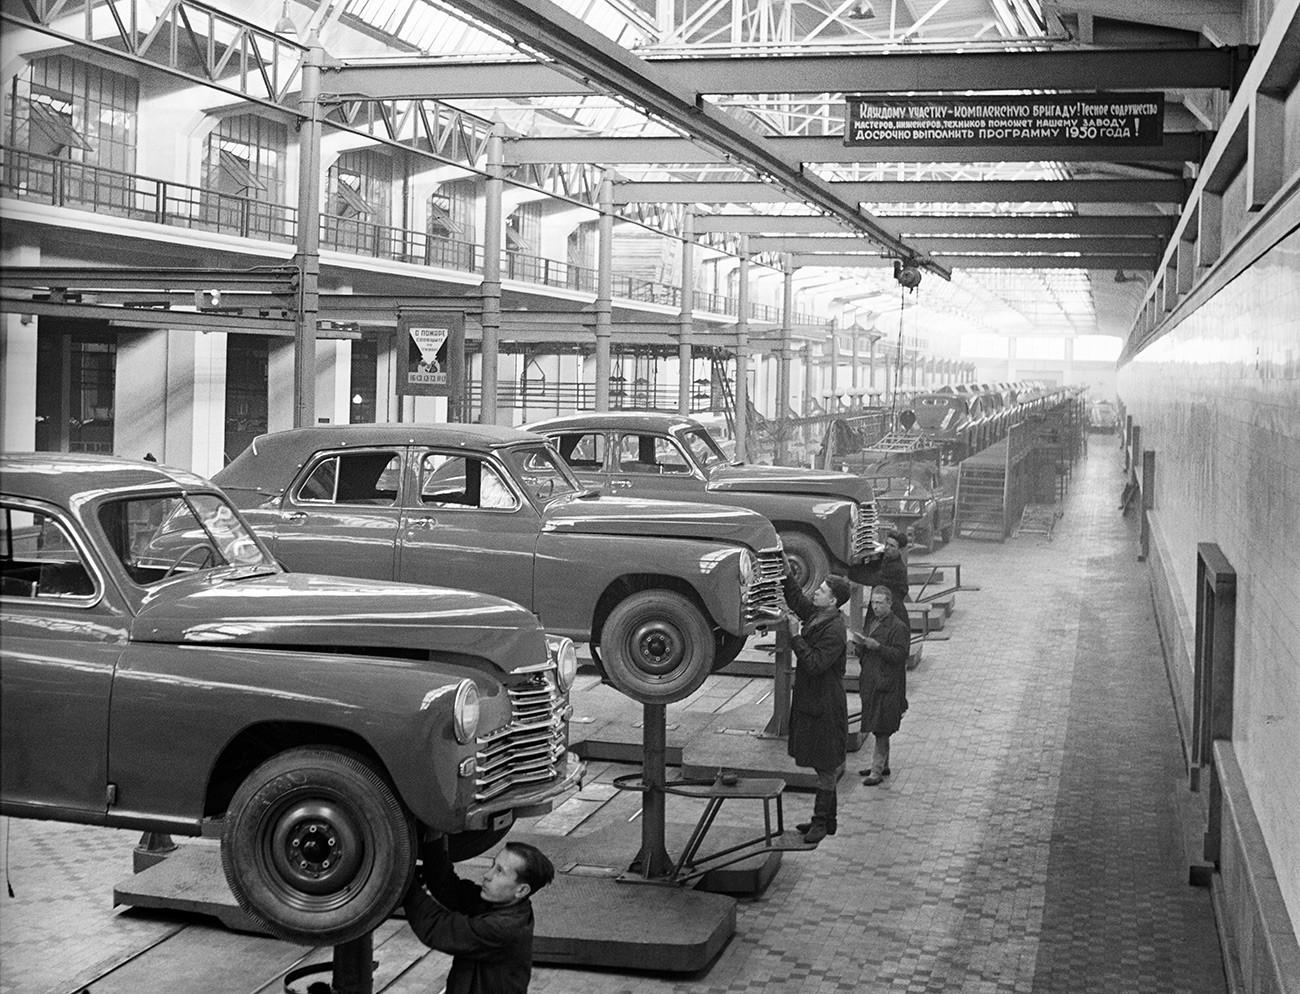 """Погон за склапање аутомобила М-20 (""""Победа"""") у фабрици аутомобила """"Молотов"""", град Горки (данас Нижњи Новгород)."""